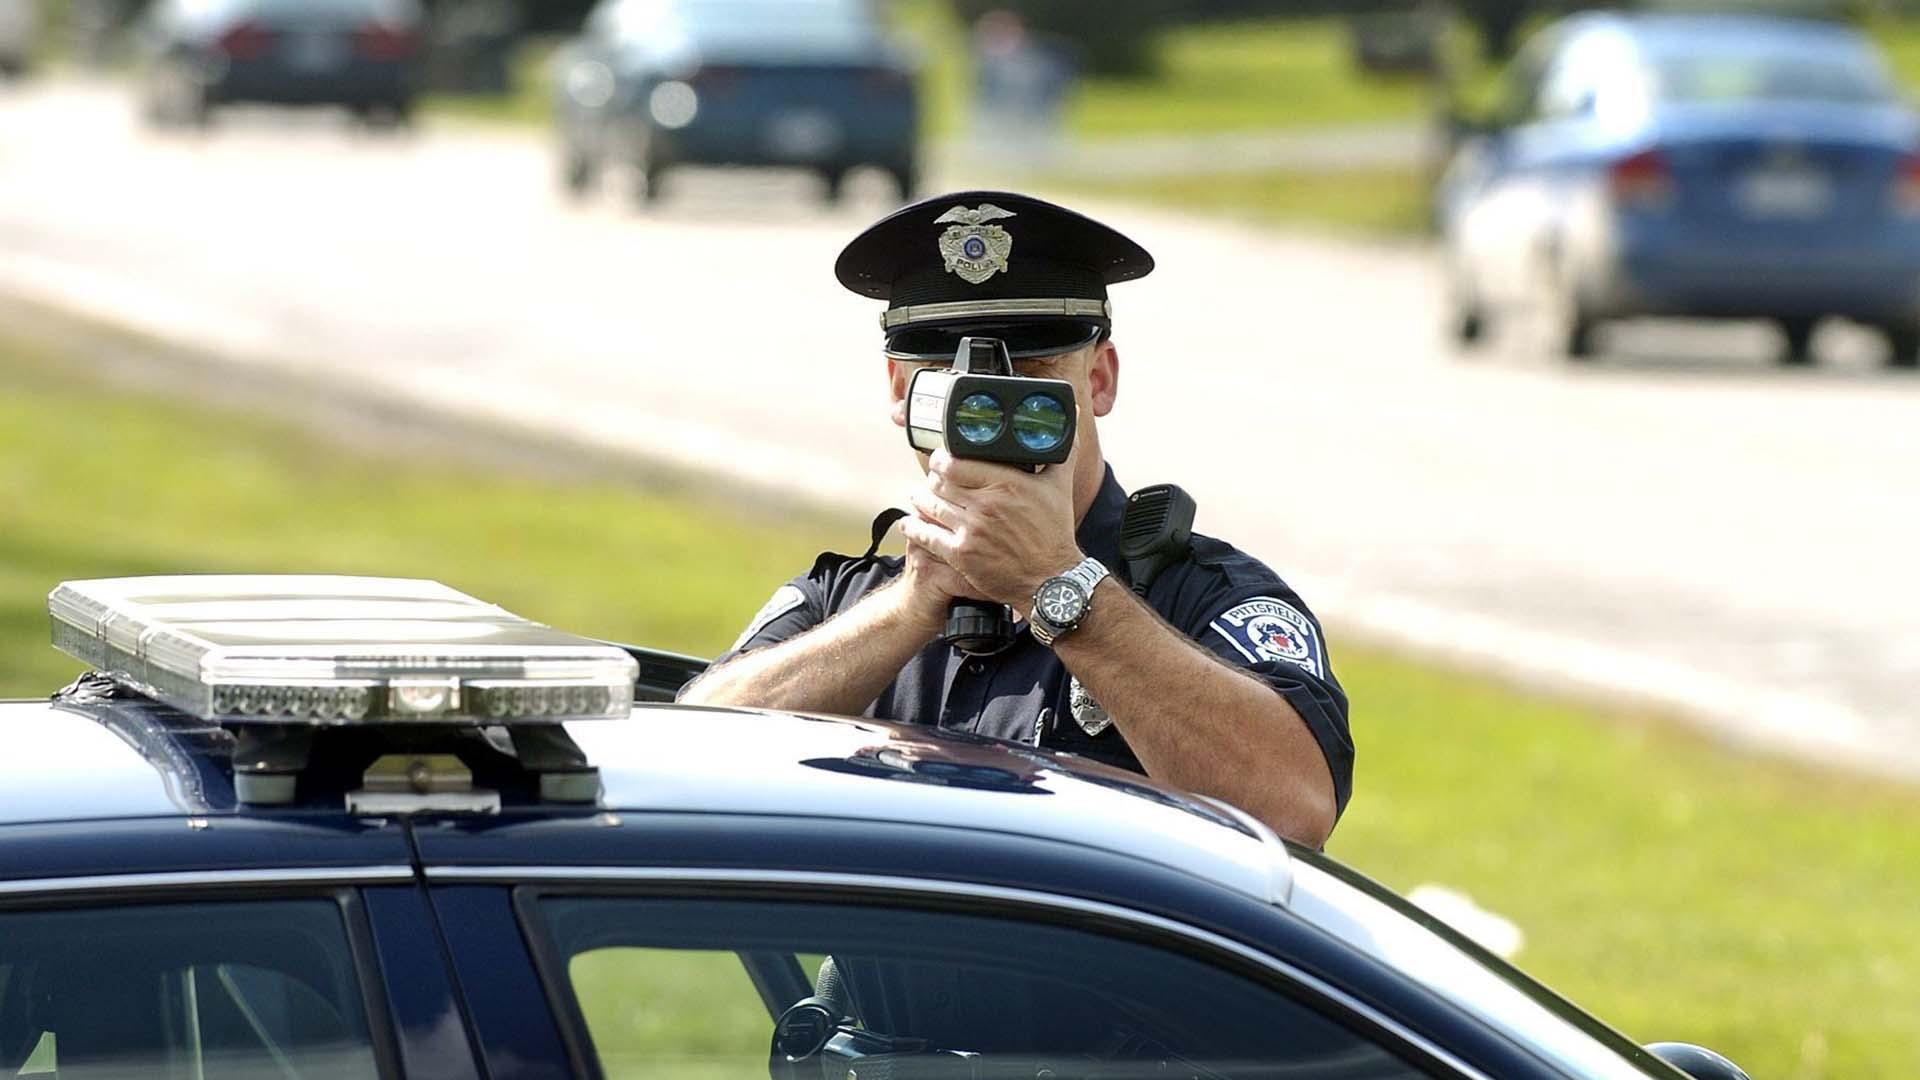 Οι οδηγοί ποιας μάρκας παίρνουν τις περισσότερες κλήσεις για υπερβολική ταχύτητα;